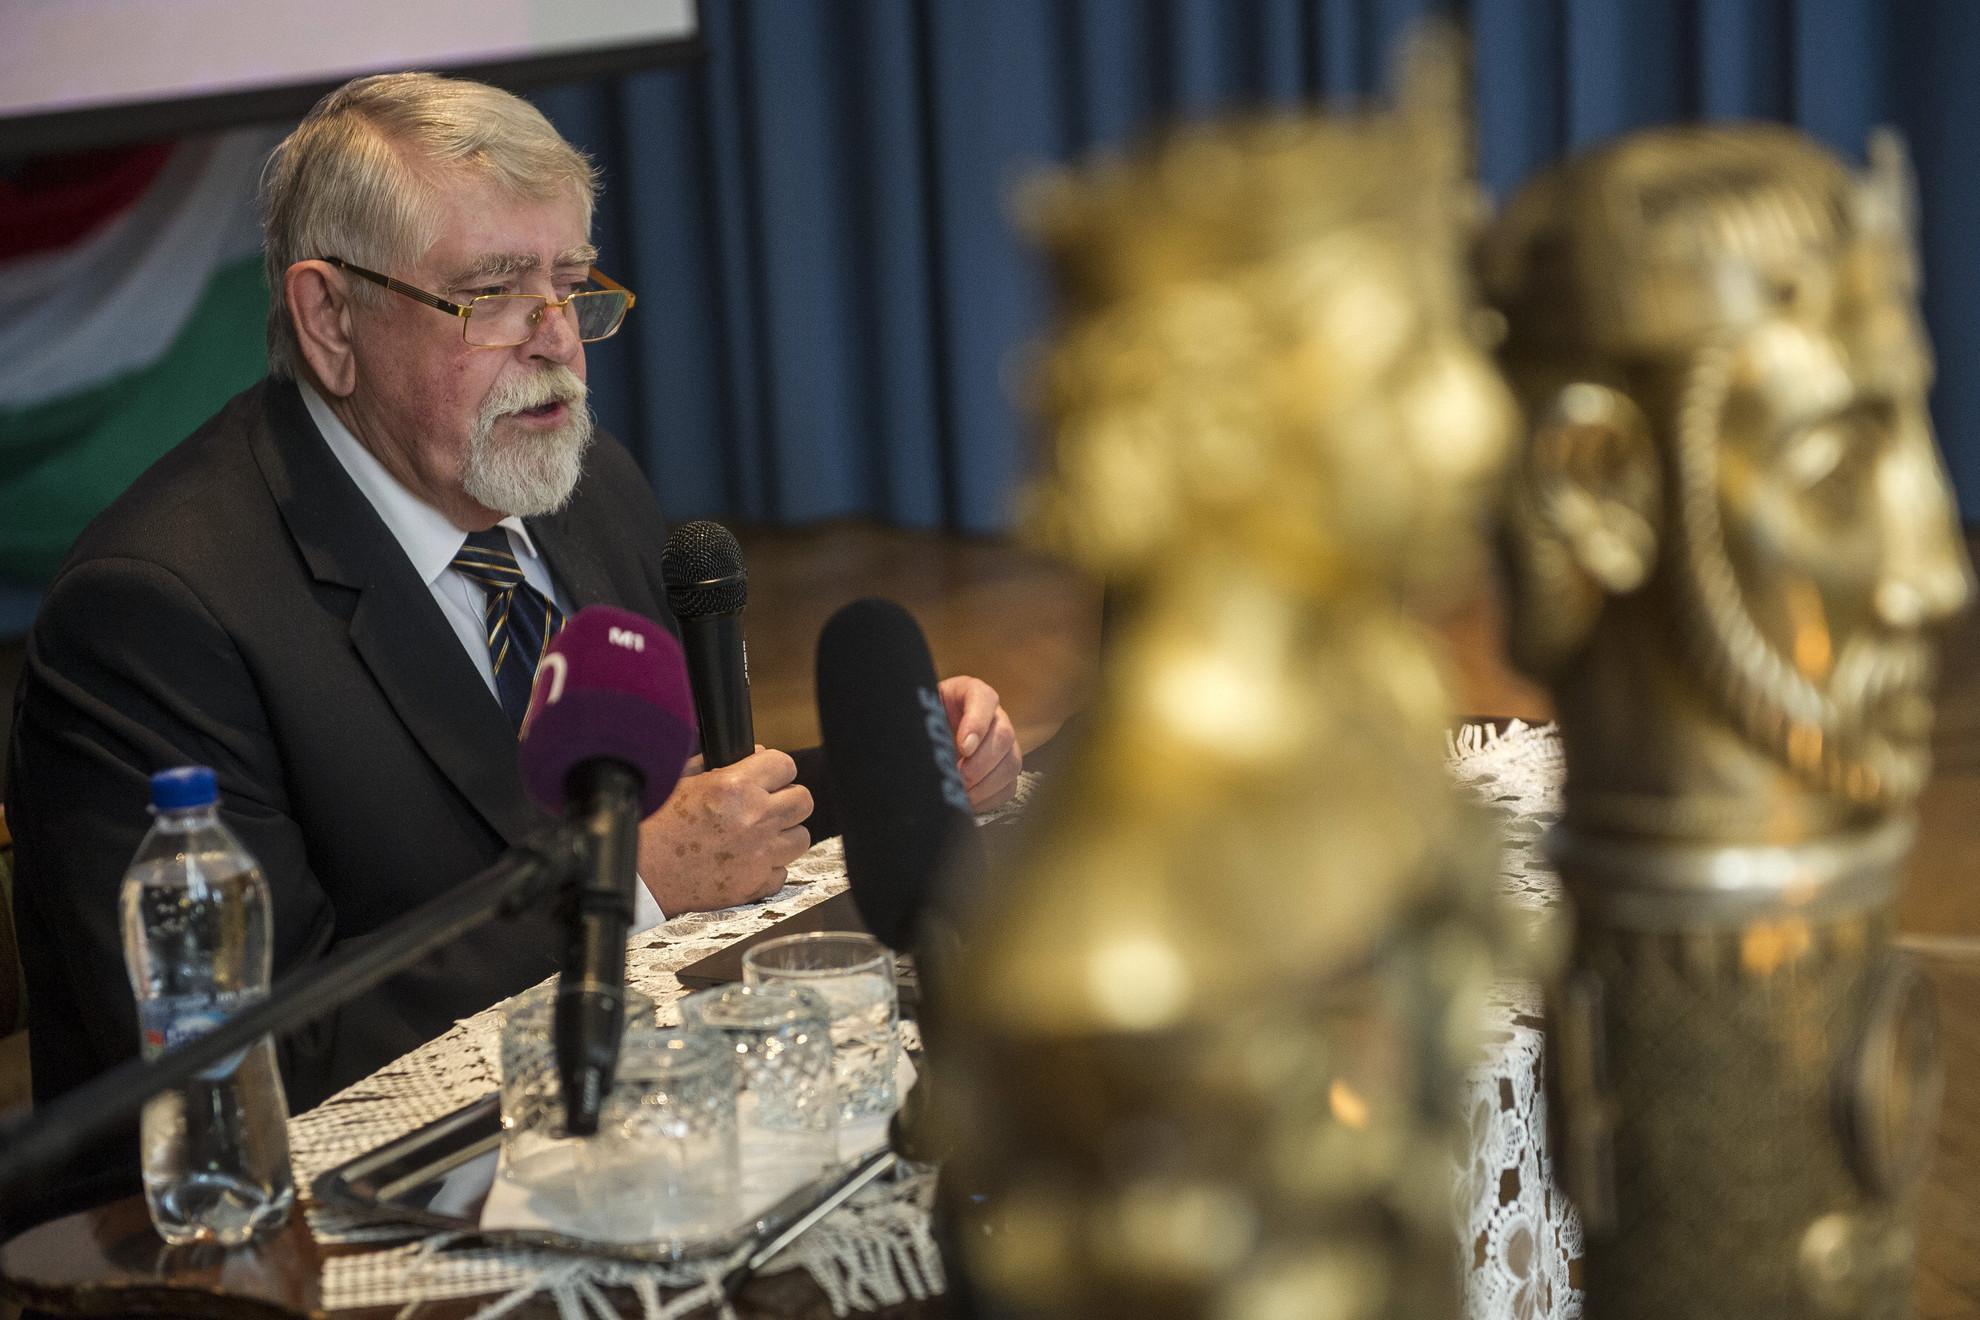 Kásler Miklós, az emberi erőforrások minisztere beszédet mond a Szent István emlékkonferencián Kecskeméten